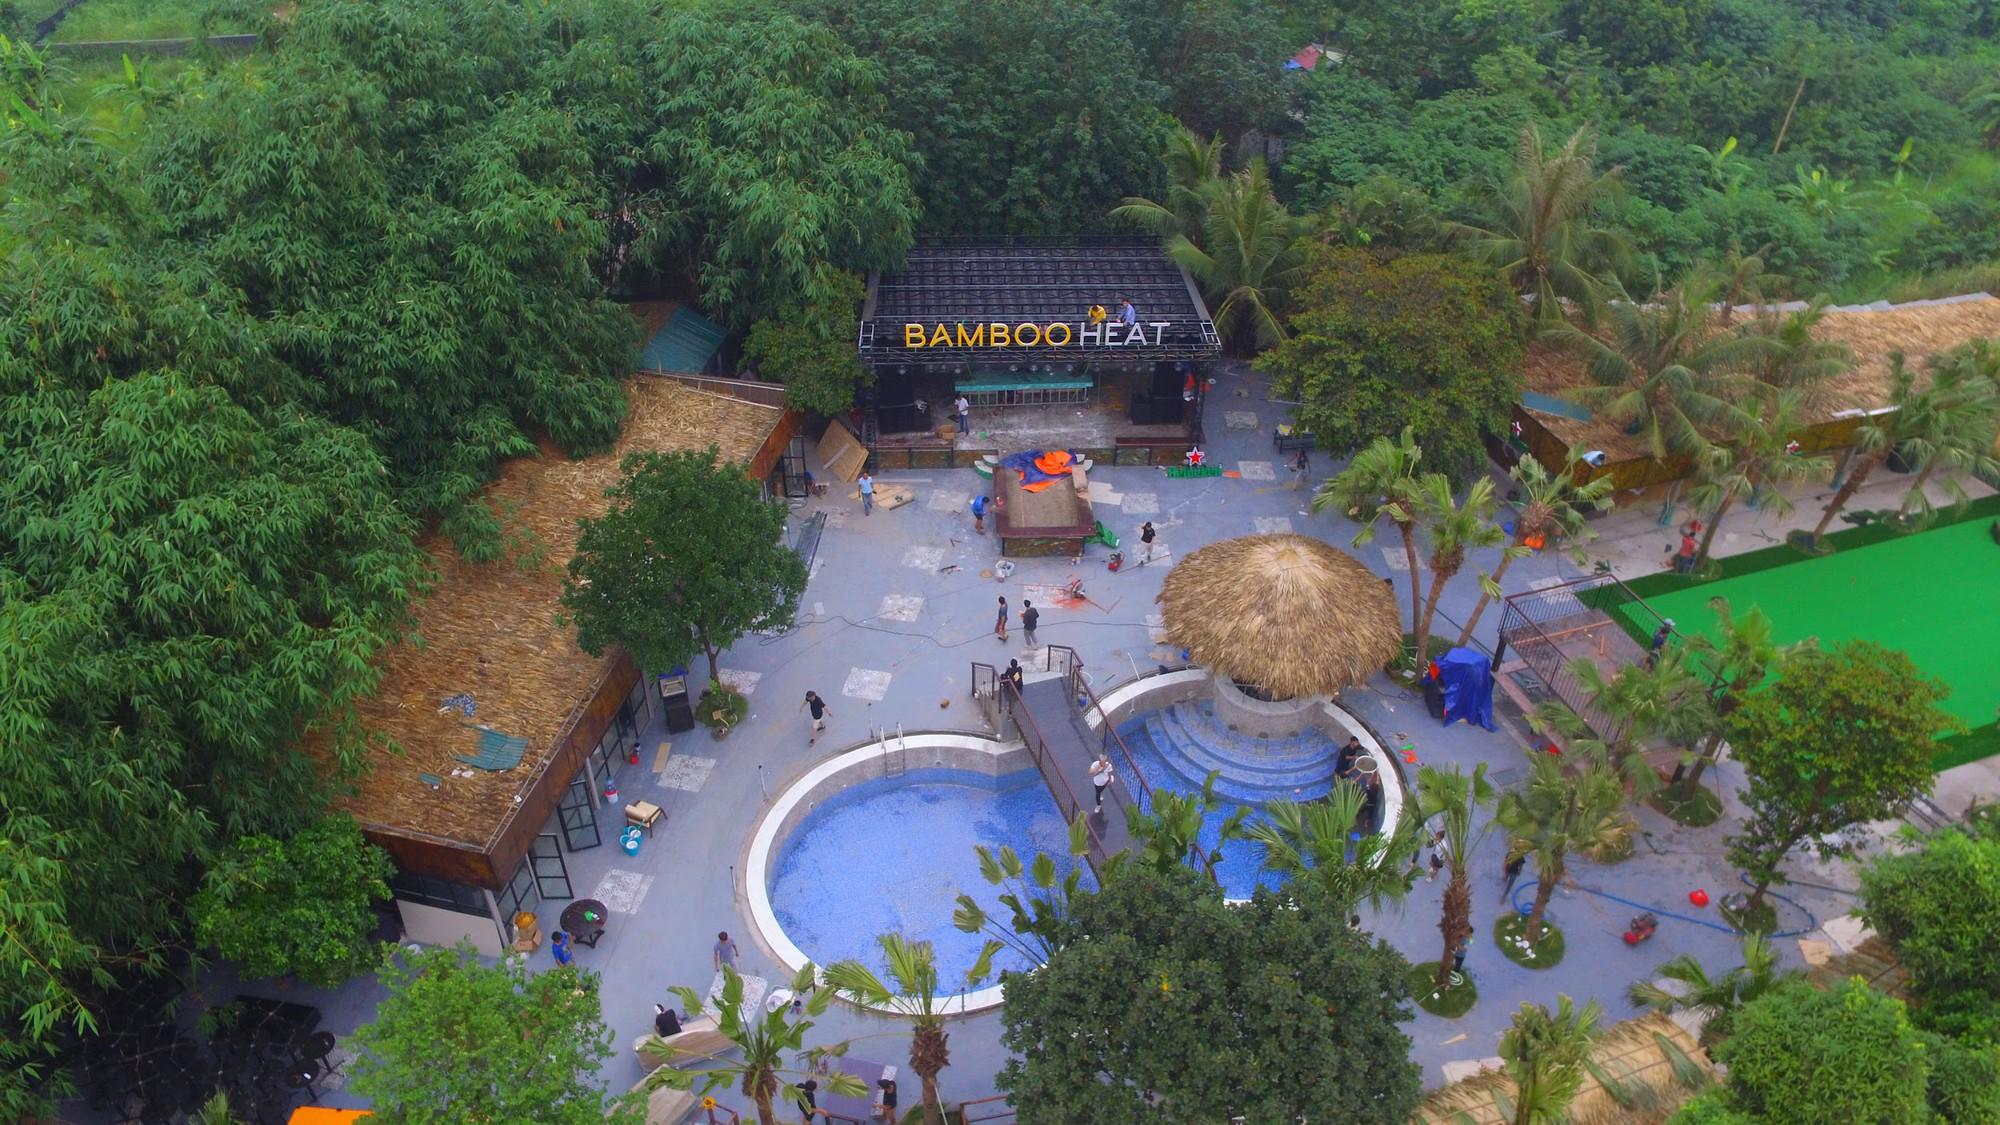 """Còn gì nóng bằng Bamboo City: Sold out 2.500 vé free sau 48h, giới trẻ xôn xao tìm cách """"thâm nhập""""? - Ảnh 3."""